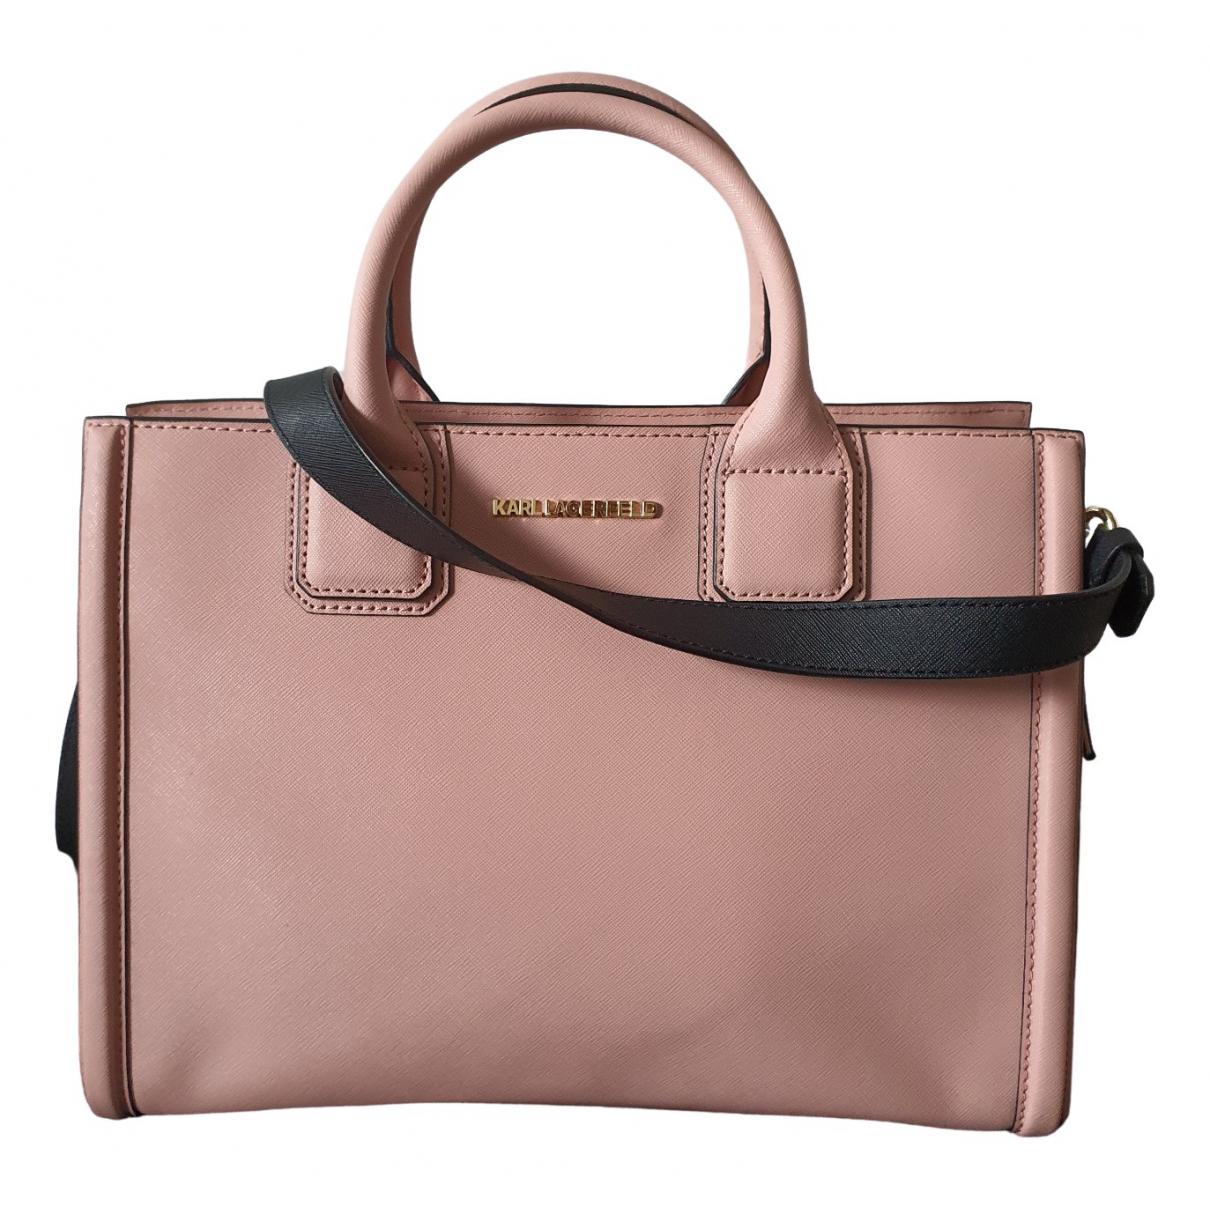 Karl Lagerfeld \N Pink Leather handbag for Women \N